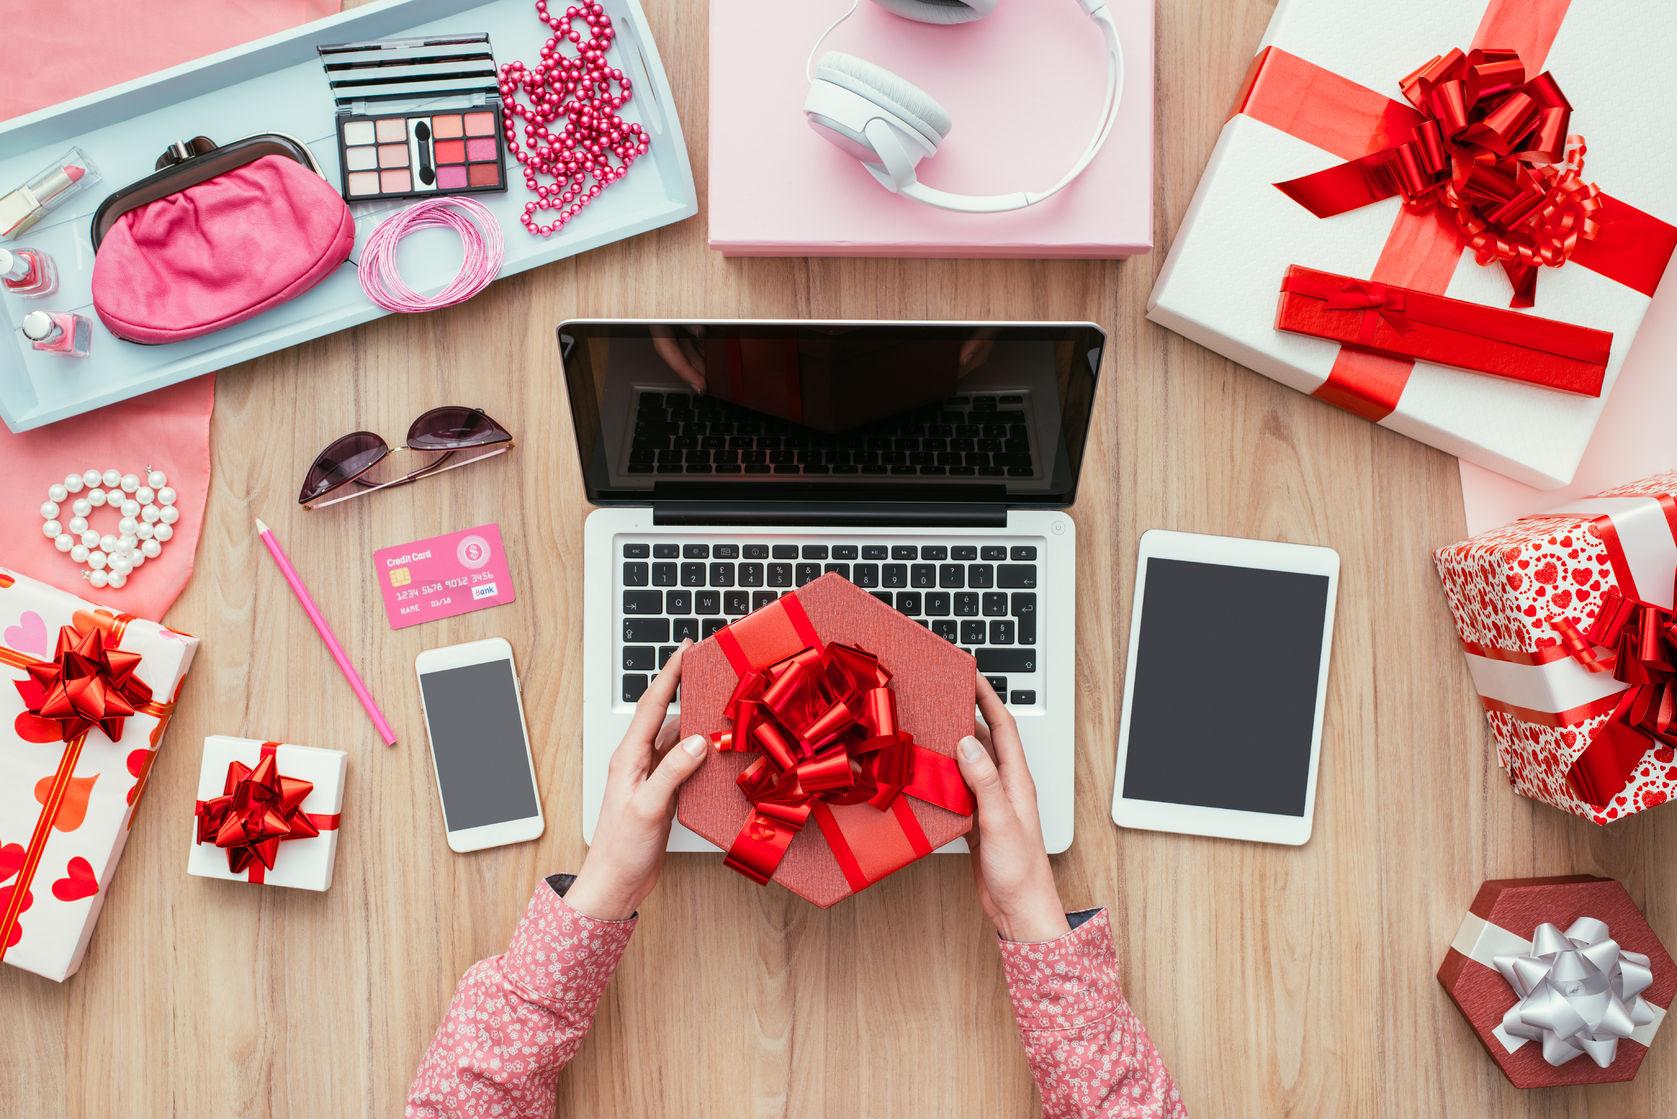 kinh doanh mE1BBB9 phE1BAA9m hC3A0n quE1BB91c 3 - Kinh nghiệm bán mỹ phẩm online hiệu quả giúp bạn đột phá doanh thu mỗi ngày